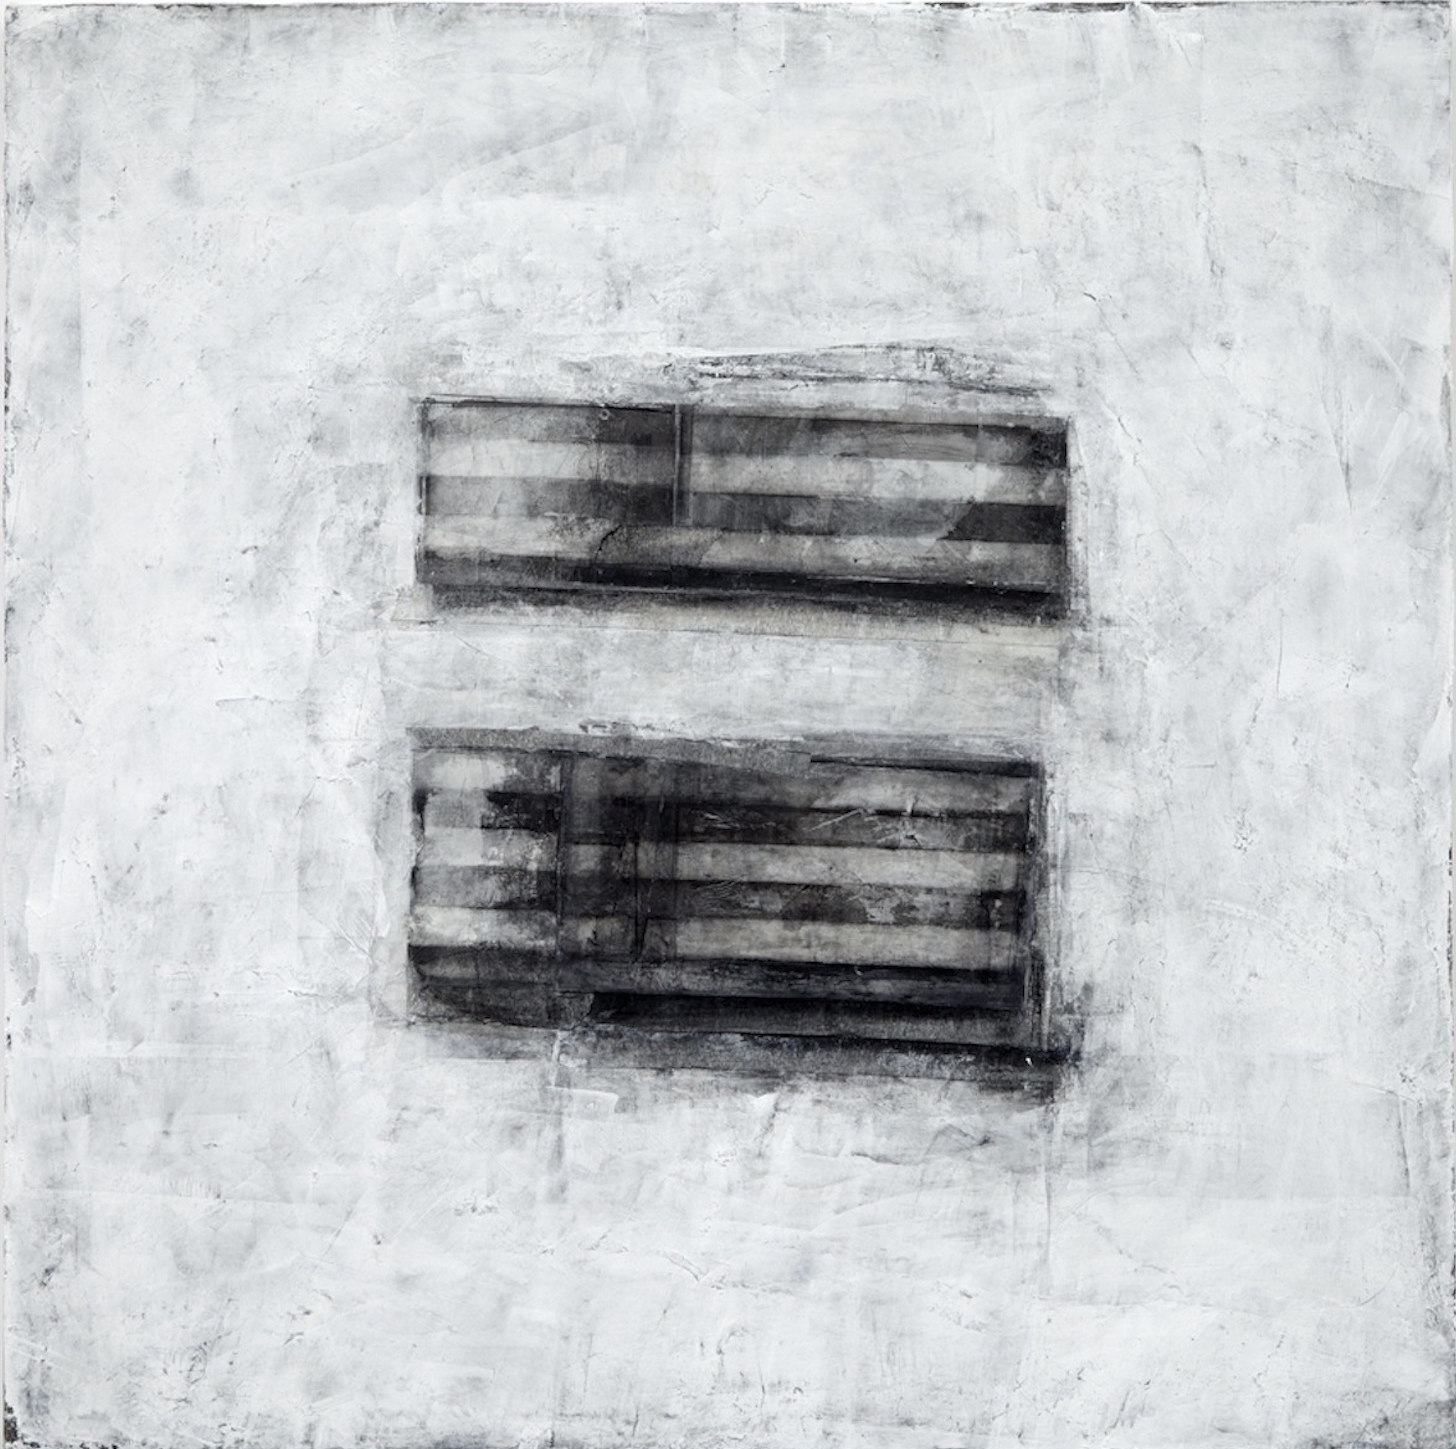 Stripe Series 3, No. 2, 2013